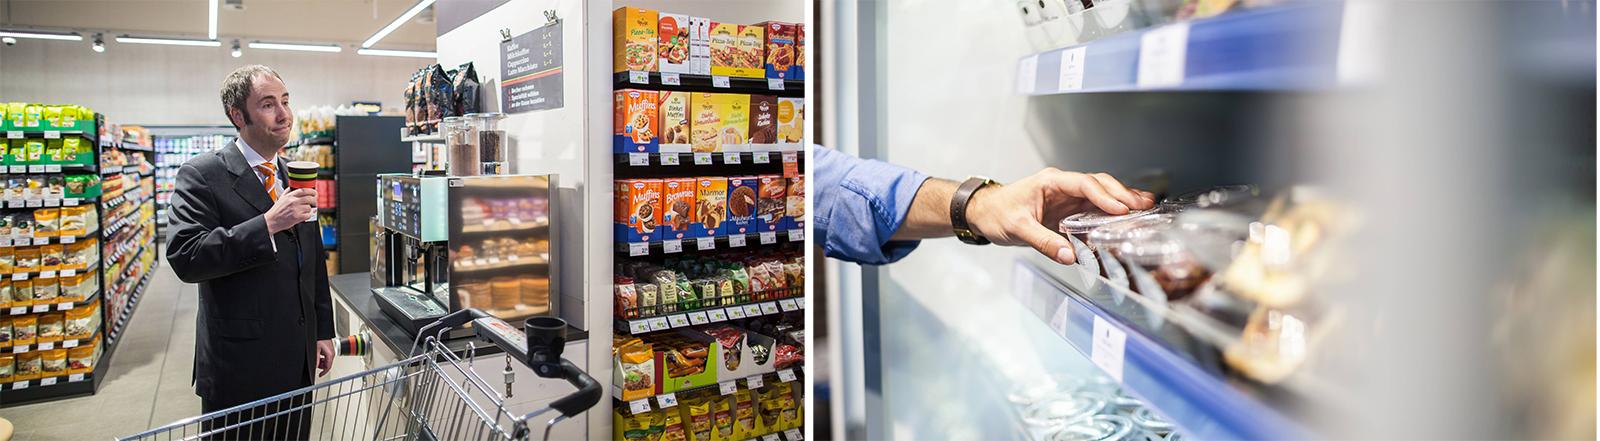 Alles direkt zum Mitnehmen: Convenience im Supermarkt